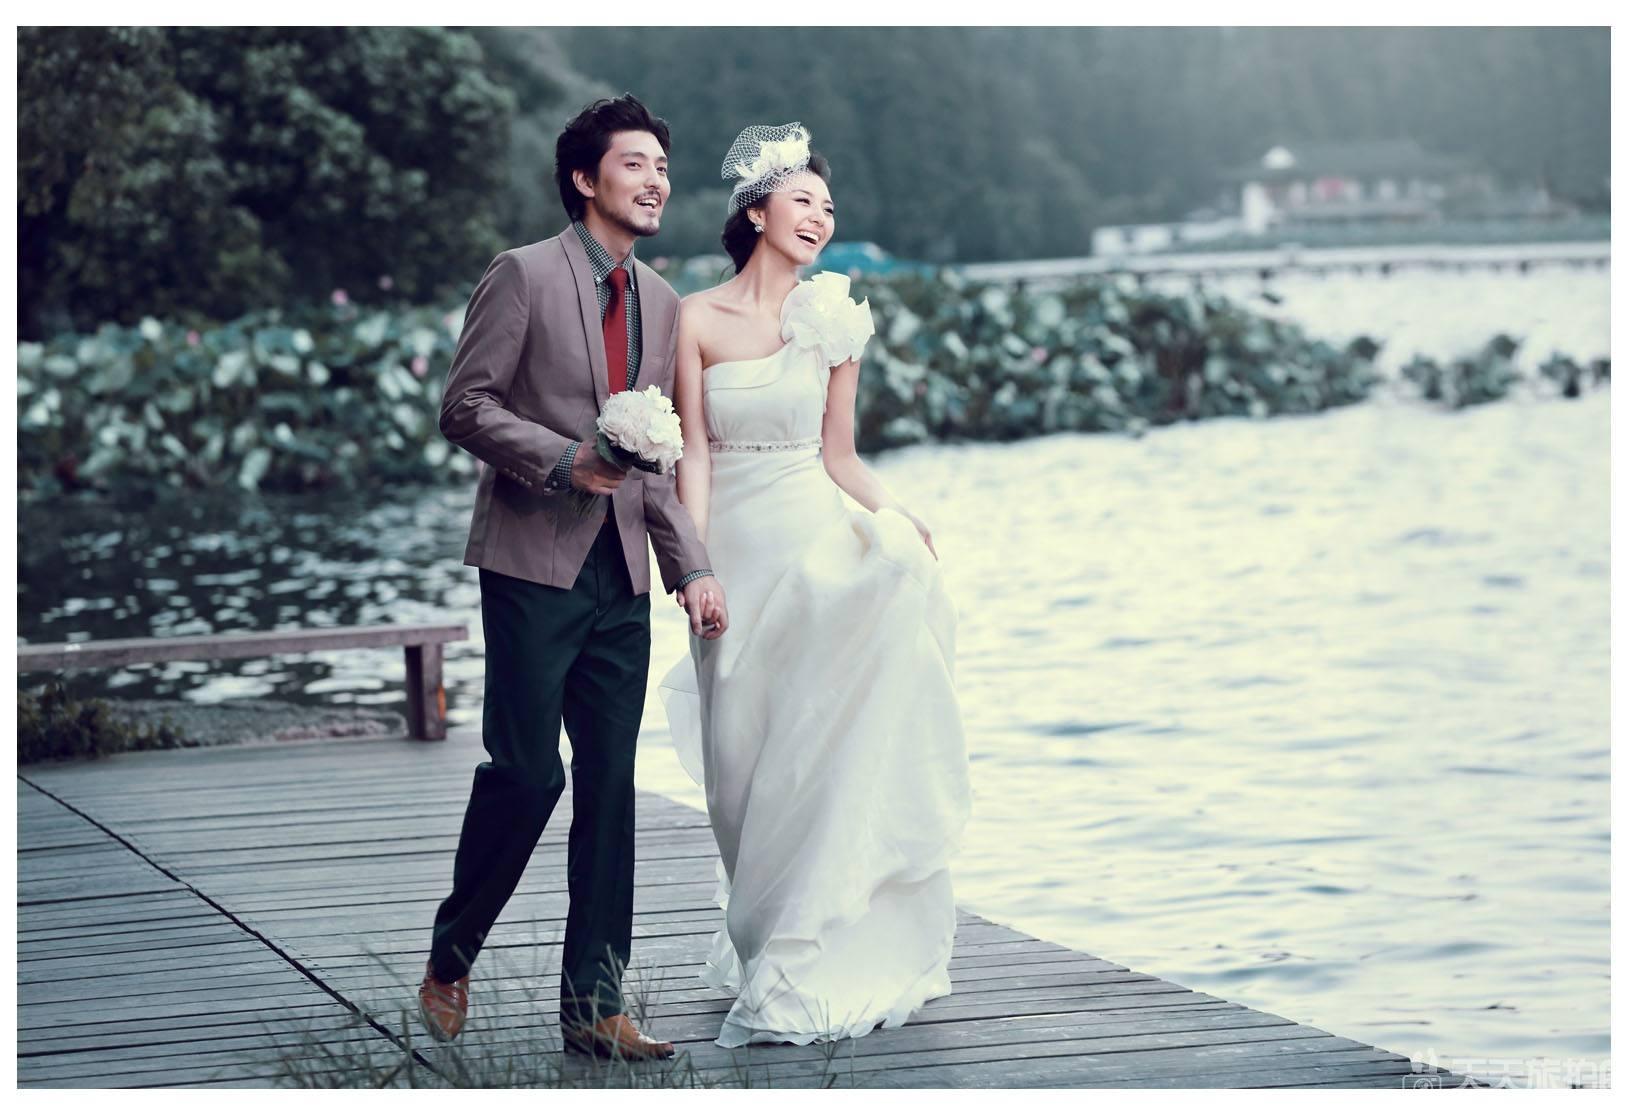 旅游婚纱摄影排名推荐 哪些旅游景点适合拍婚